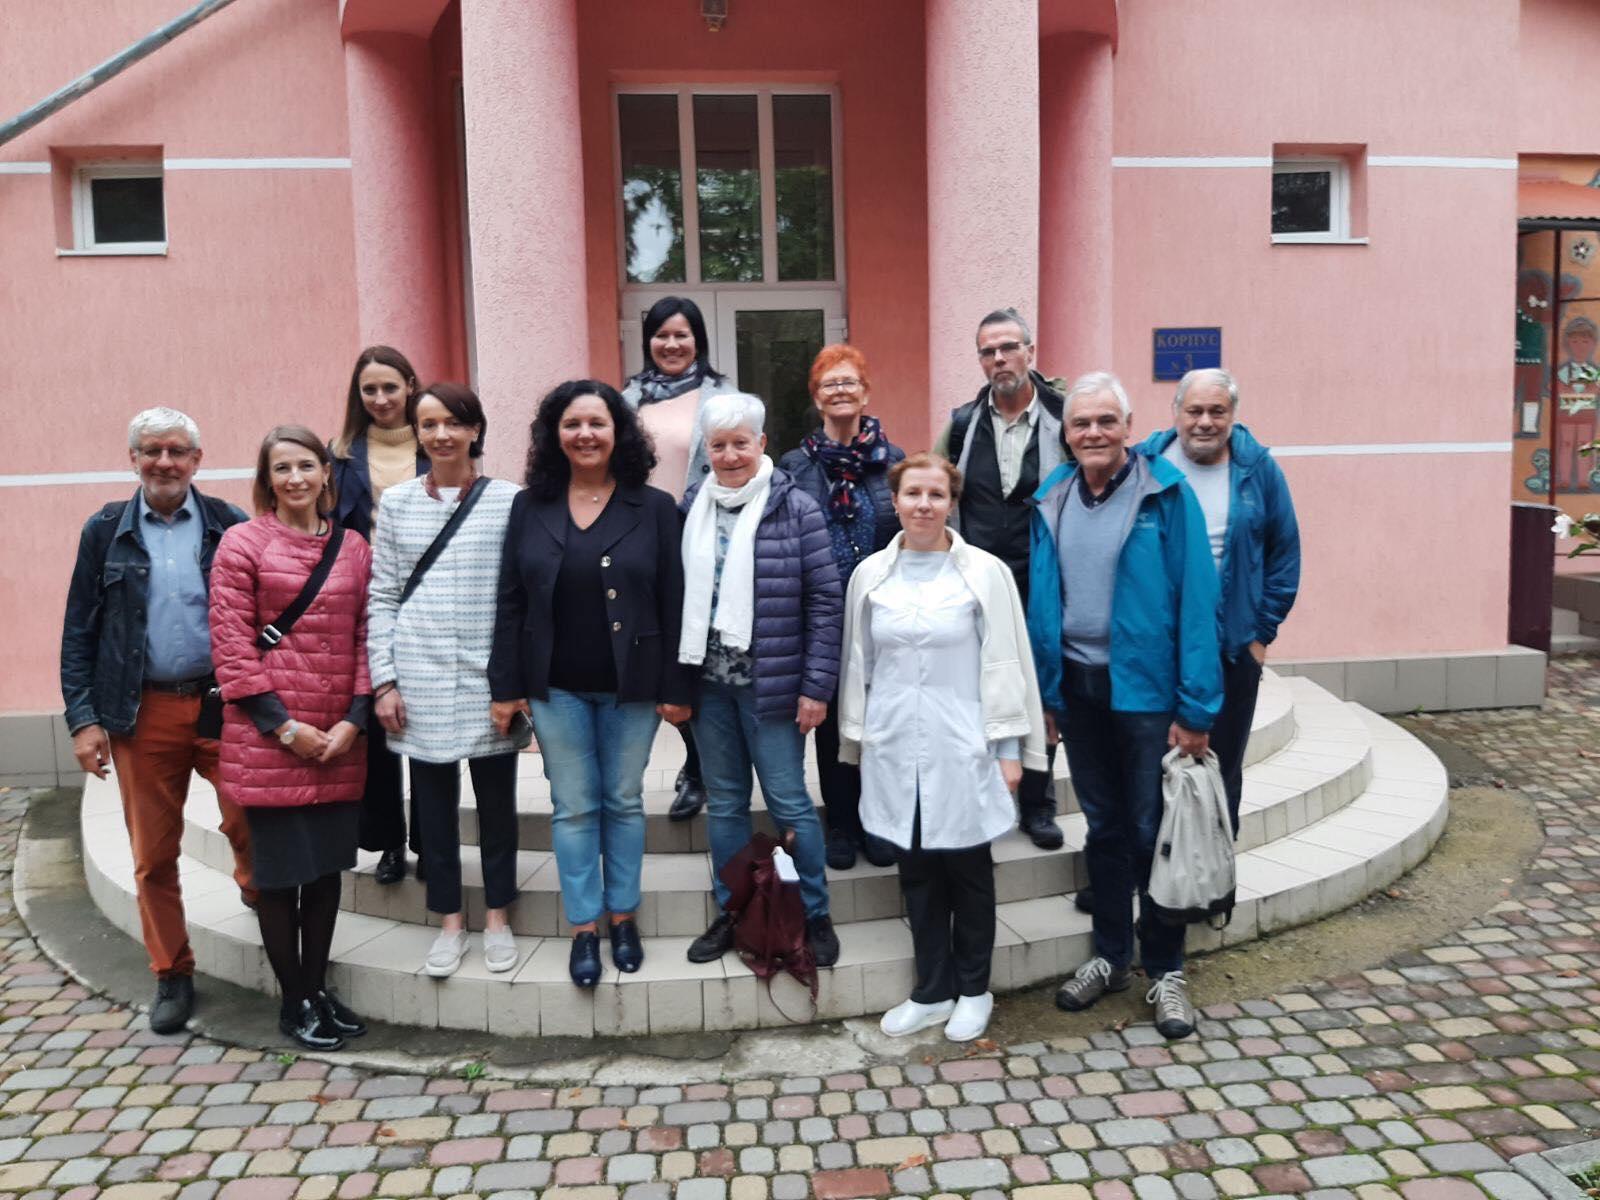 Санаторій Малятко - До нашого закладу завітали представники президії ГО «Парасолька» зі Швейцарії та представники цієї ж ГО з українського боку